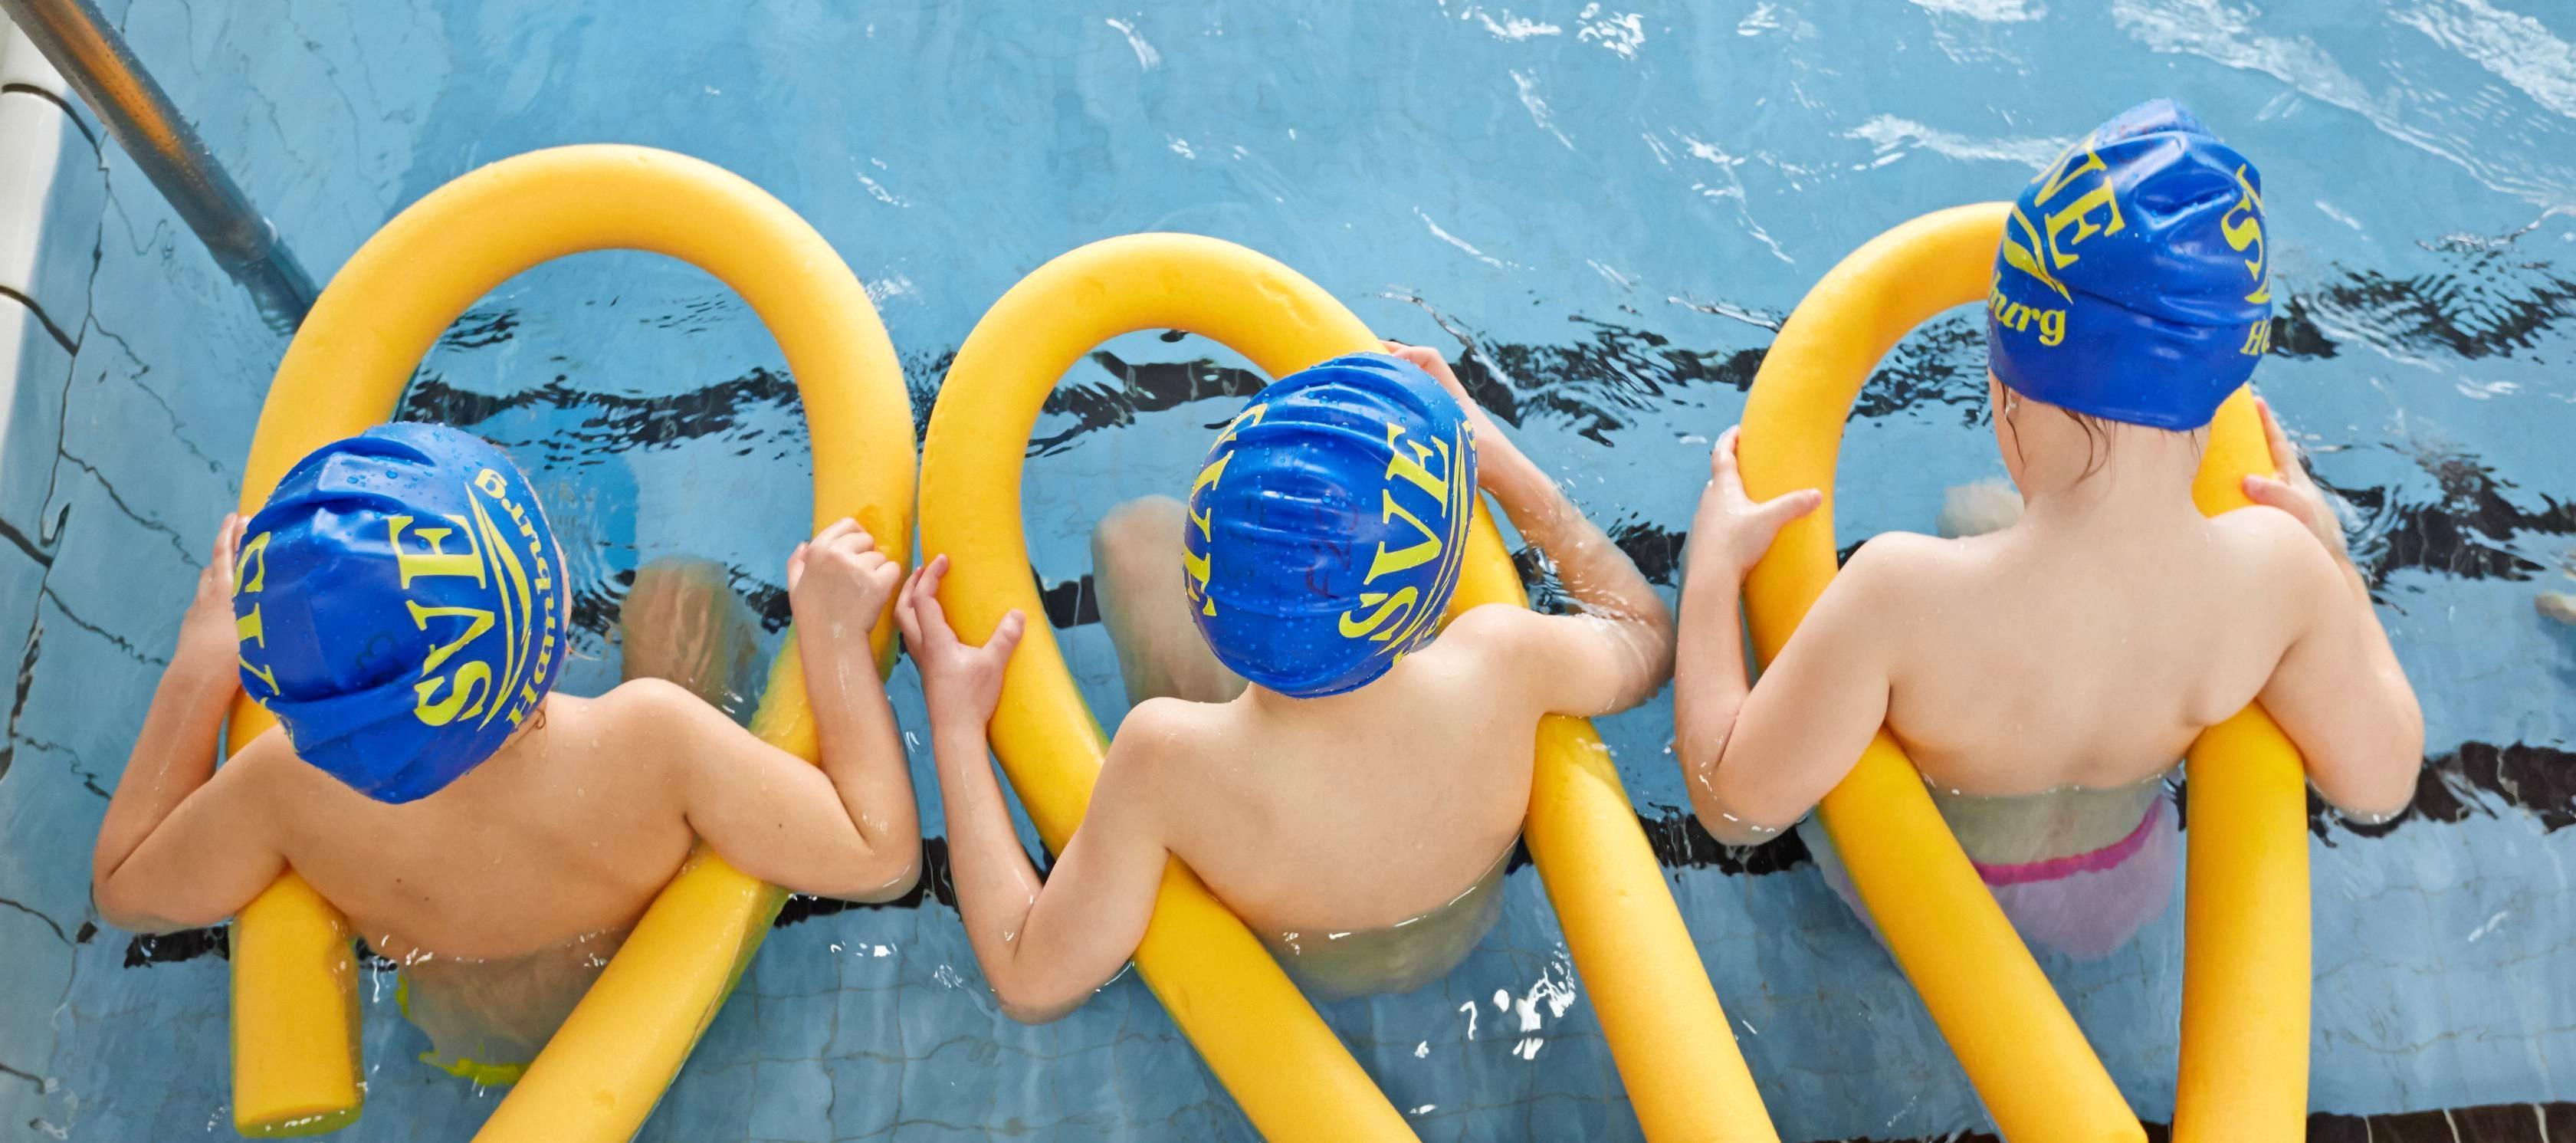 Kinder sollten sicher schwimmen können. Doch an immer mehr Schulen fällt der Unterricht aus – weil Lehrkräfte fehlen oder öffentliche Bäder schließen. Foto: dpa